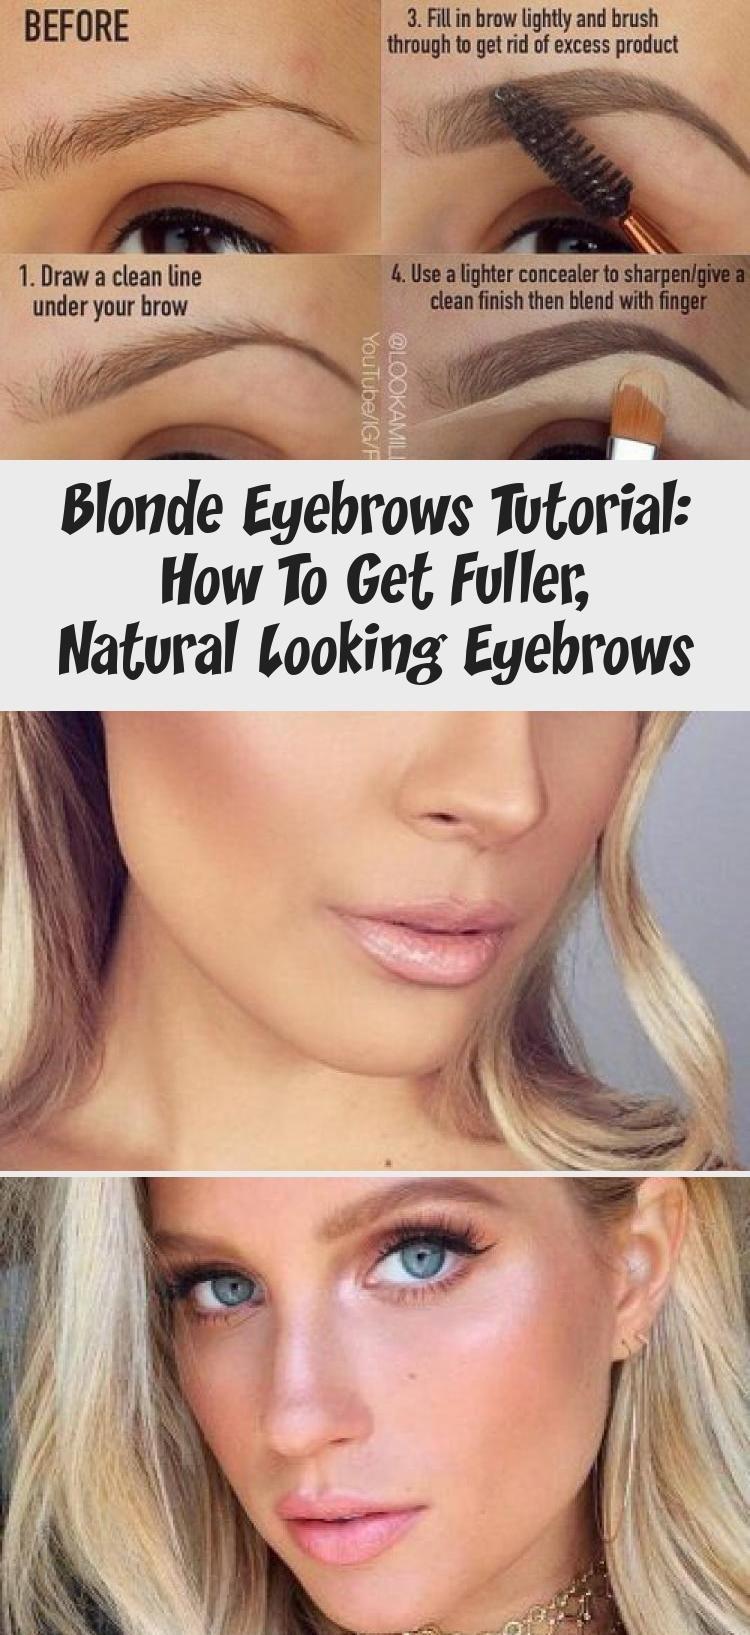 Tutorial Fur Blonde Augenbrauen Wie Man Vollere Naturlichere Augenbrauen Bekommt Augenbrauen Bekommt Blonde Fur In 2020 Eyebrow Tutorial Blonde Eyebrows Eyebrows